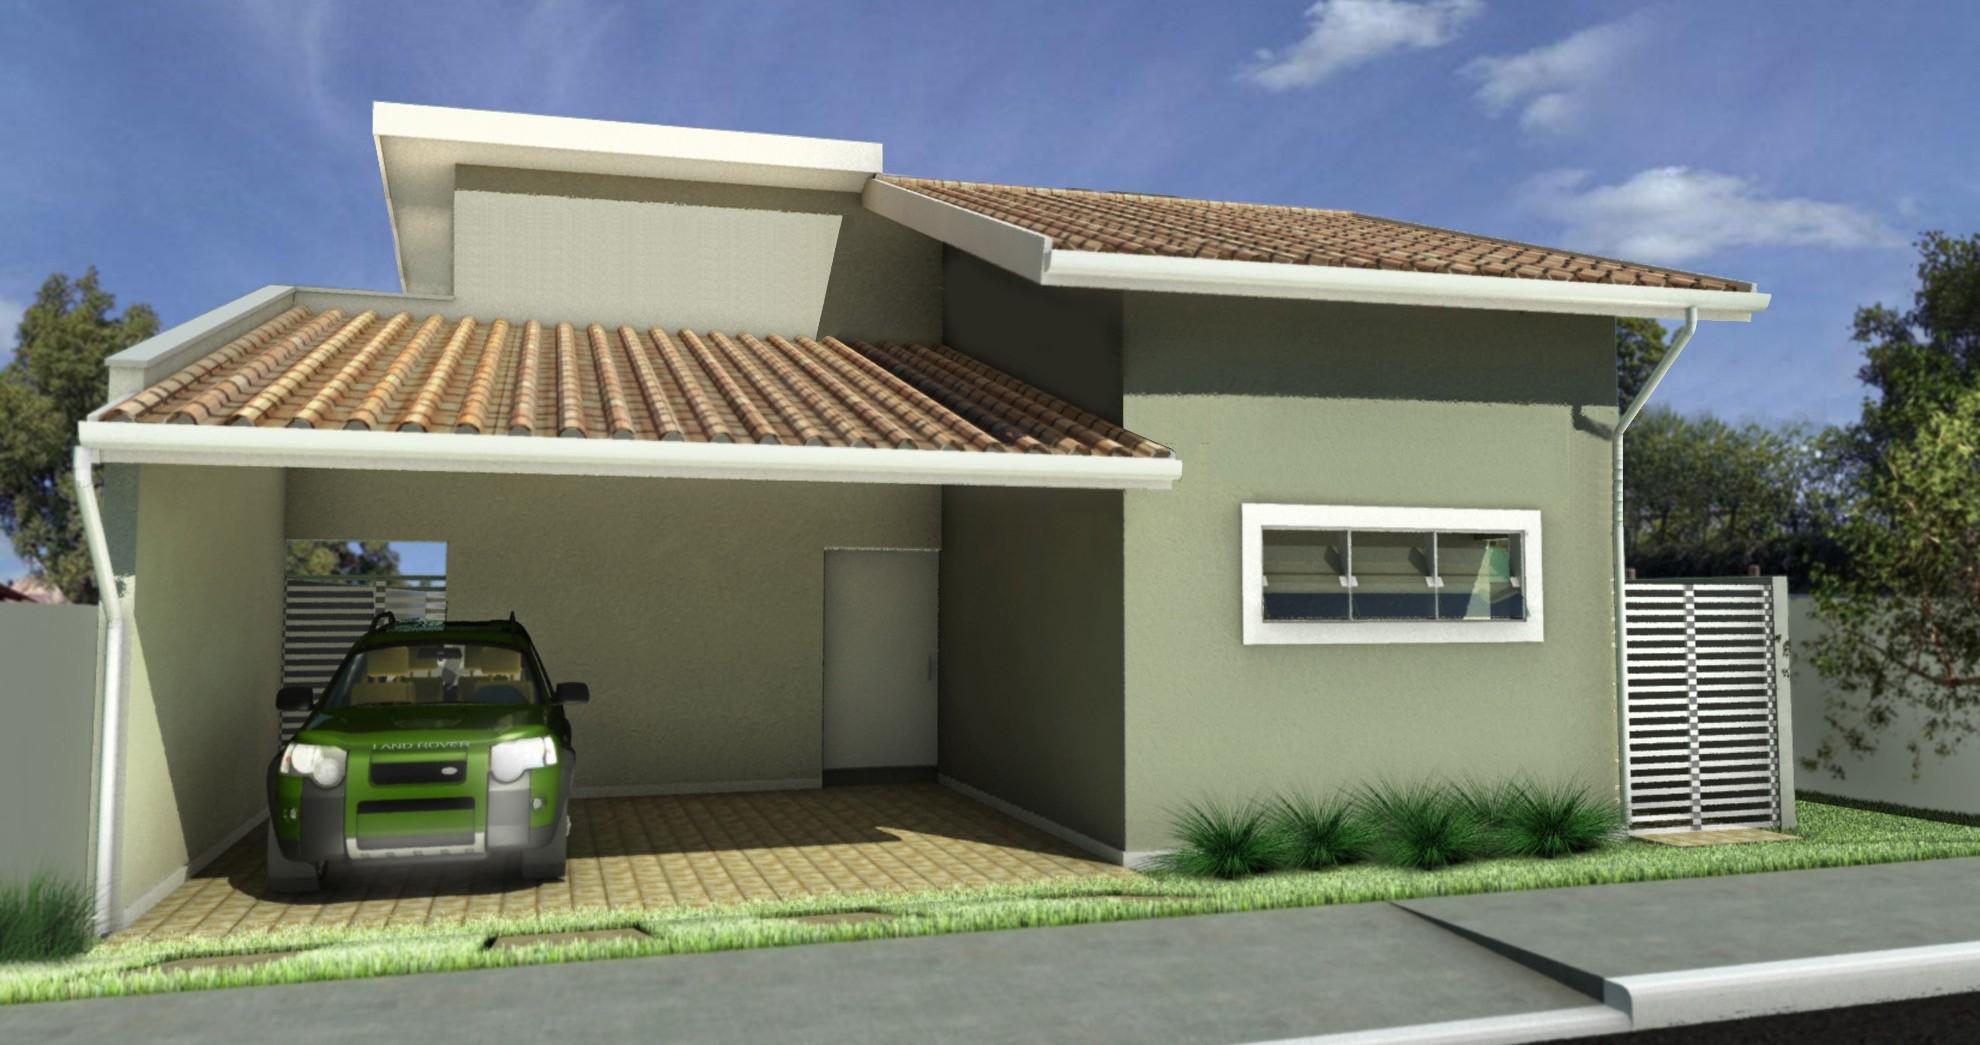 27 modelos de frentes de casas simples e modernas for Casas casas